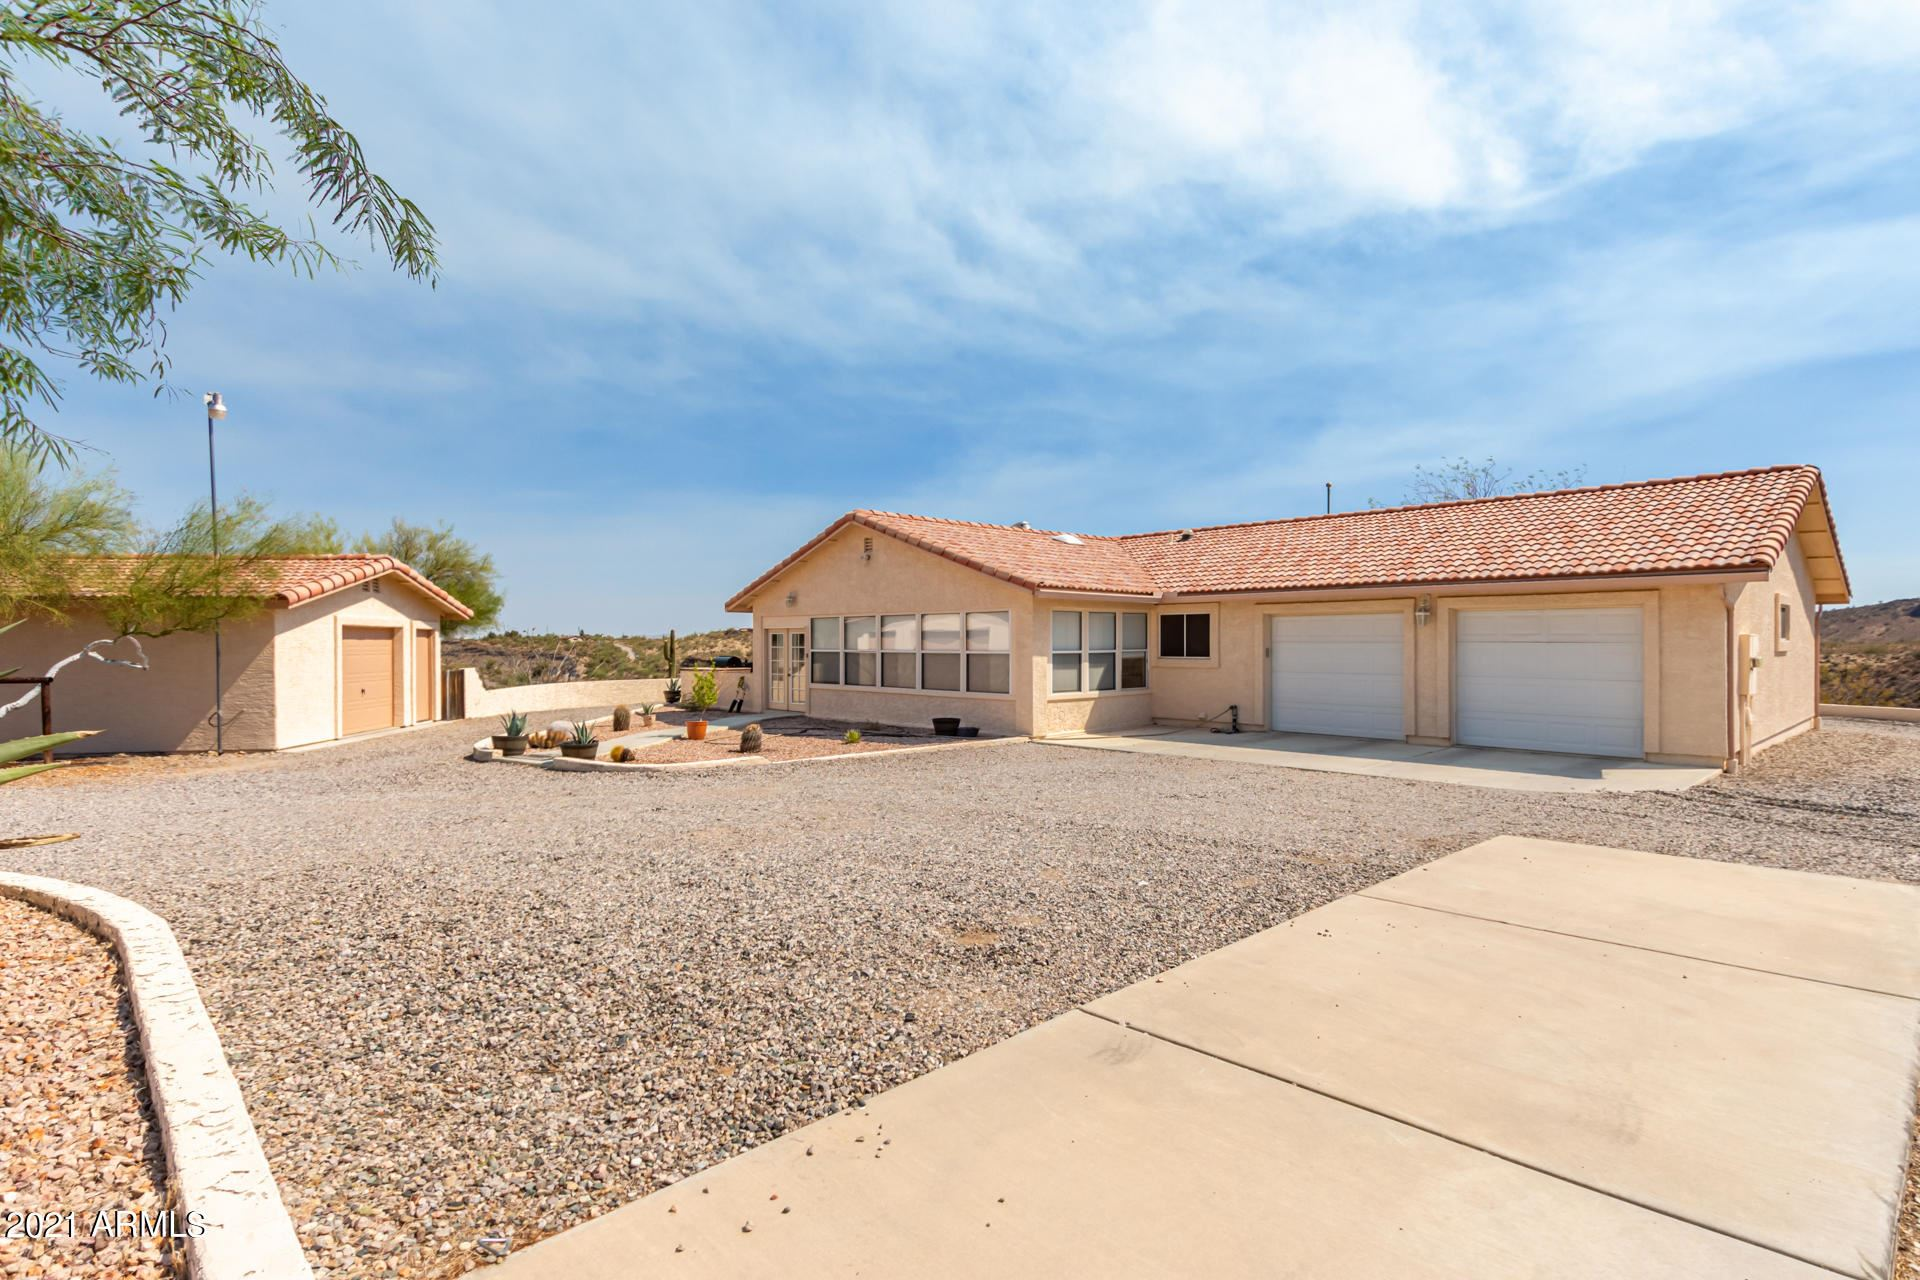 Photo of 44611 N US HWY 60 89 --, Morristown, AZ 85342 (MLS # 6261447)